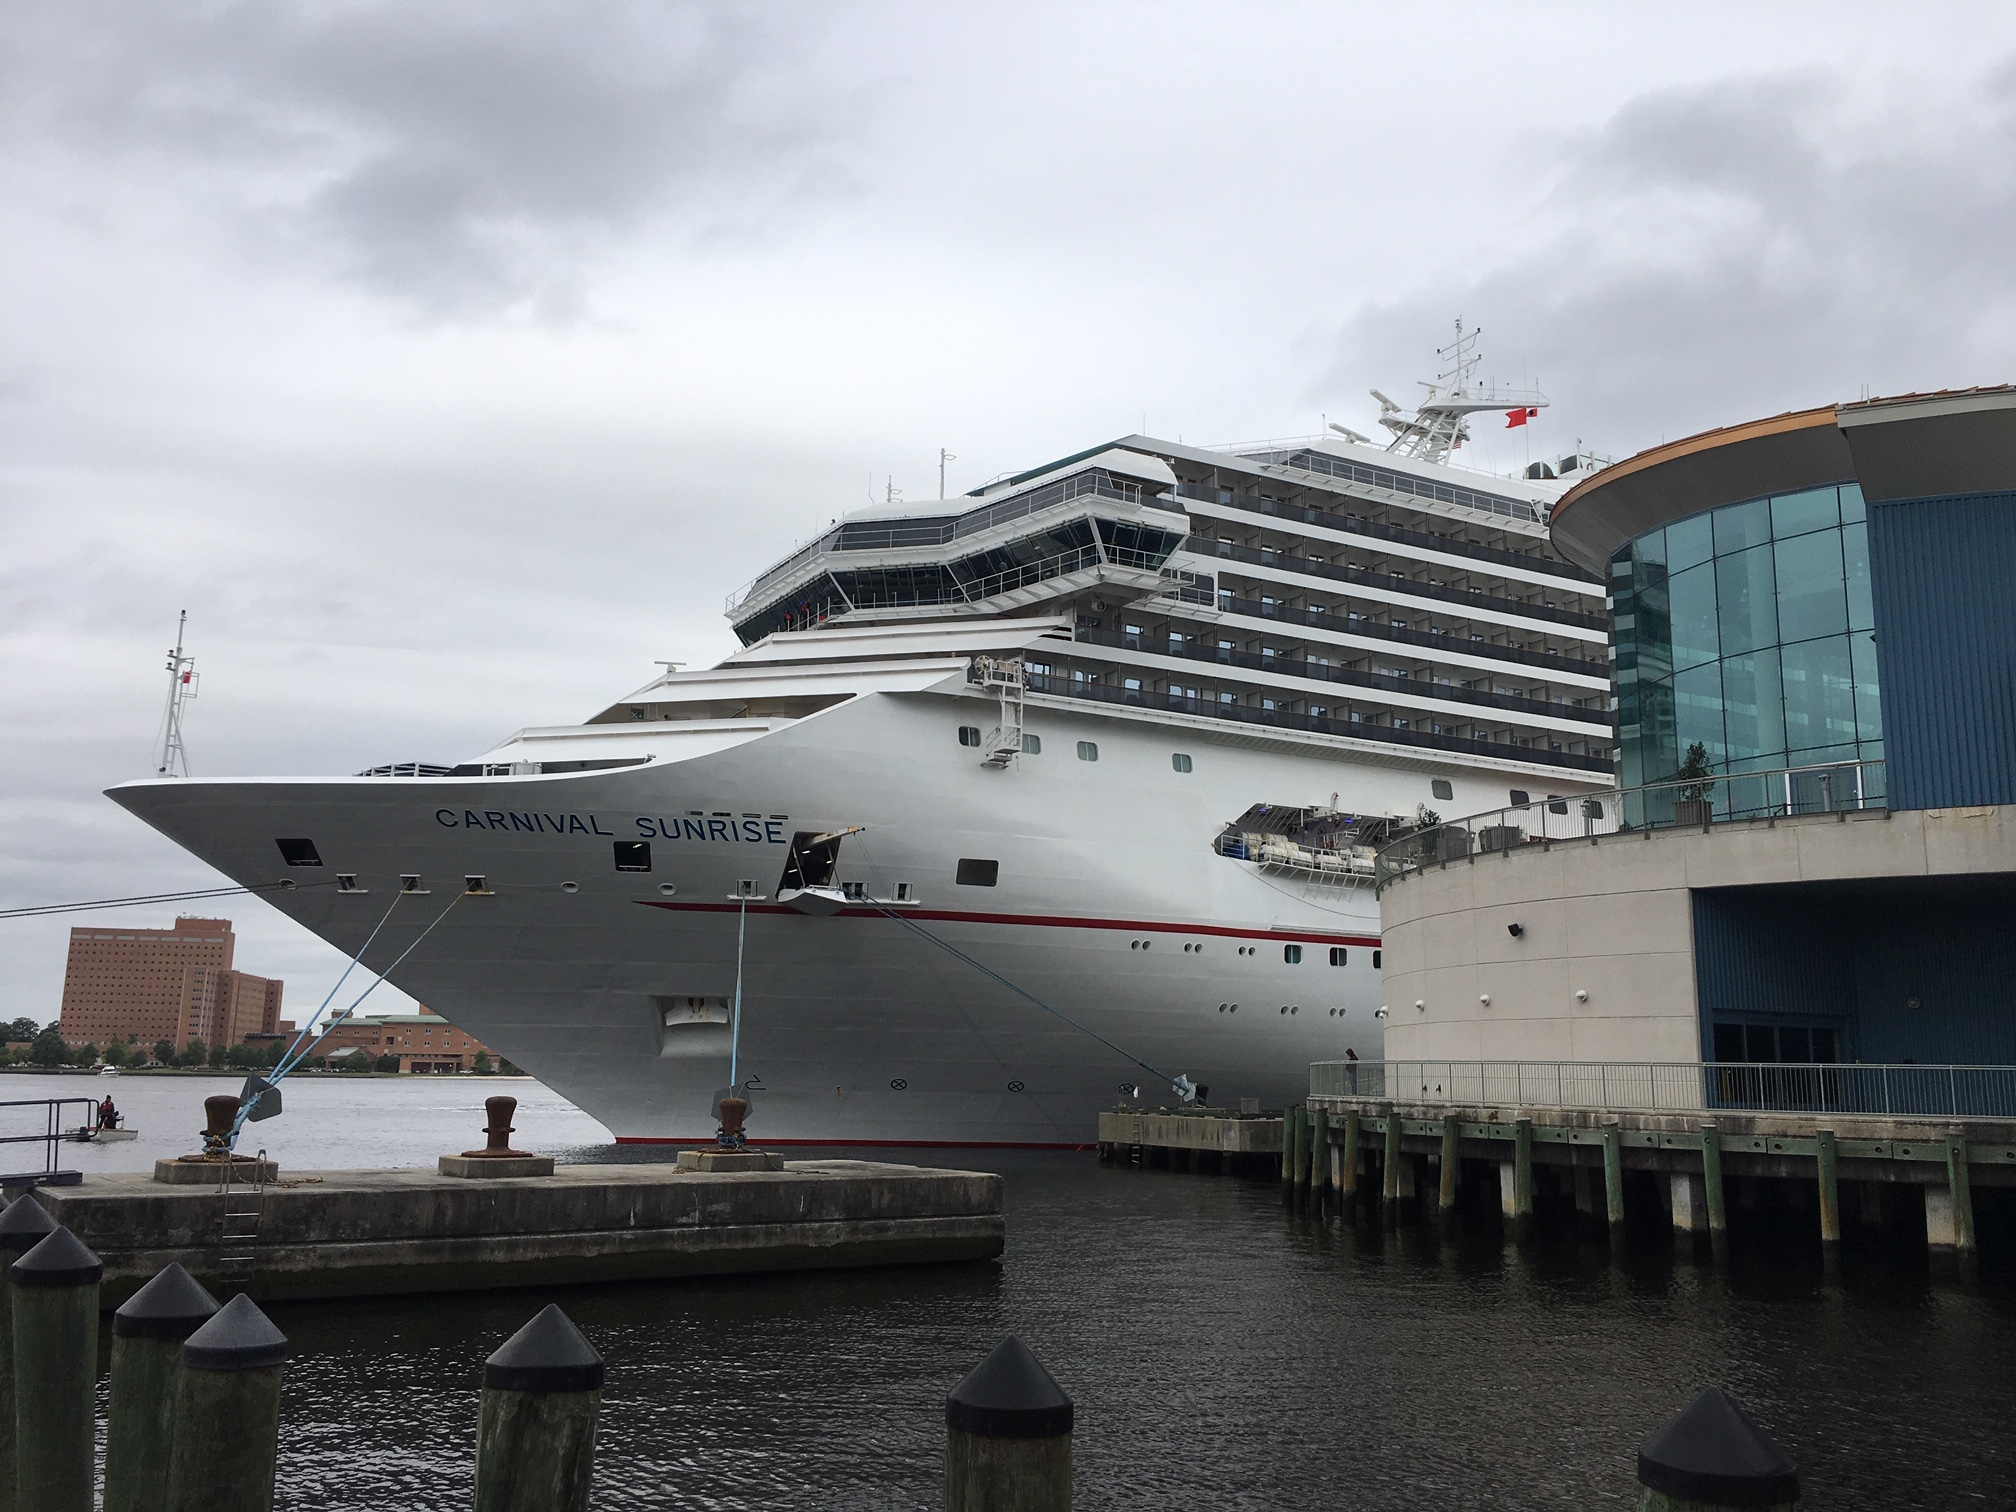 Kreuzfahrt- und Fährindustrie helfen in der Corona-Krise schnell und unbürokratisch und wandeln ihre Schiffe in Krankenhäuser um.